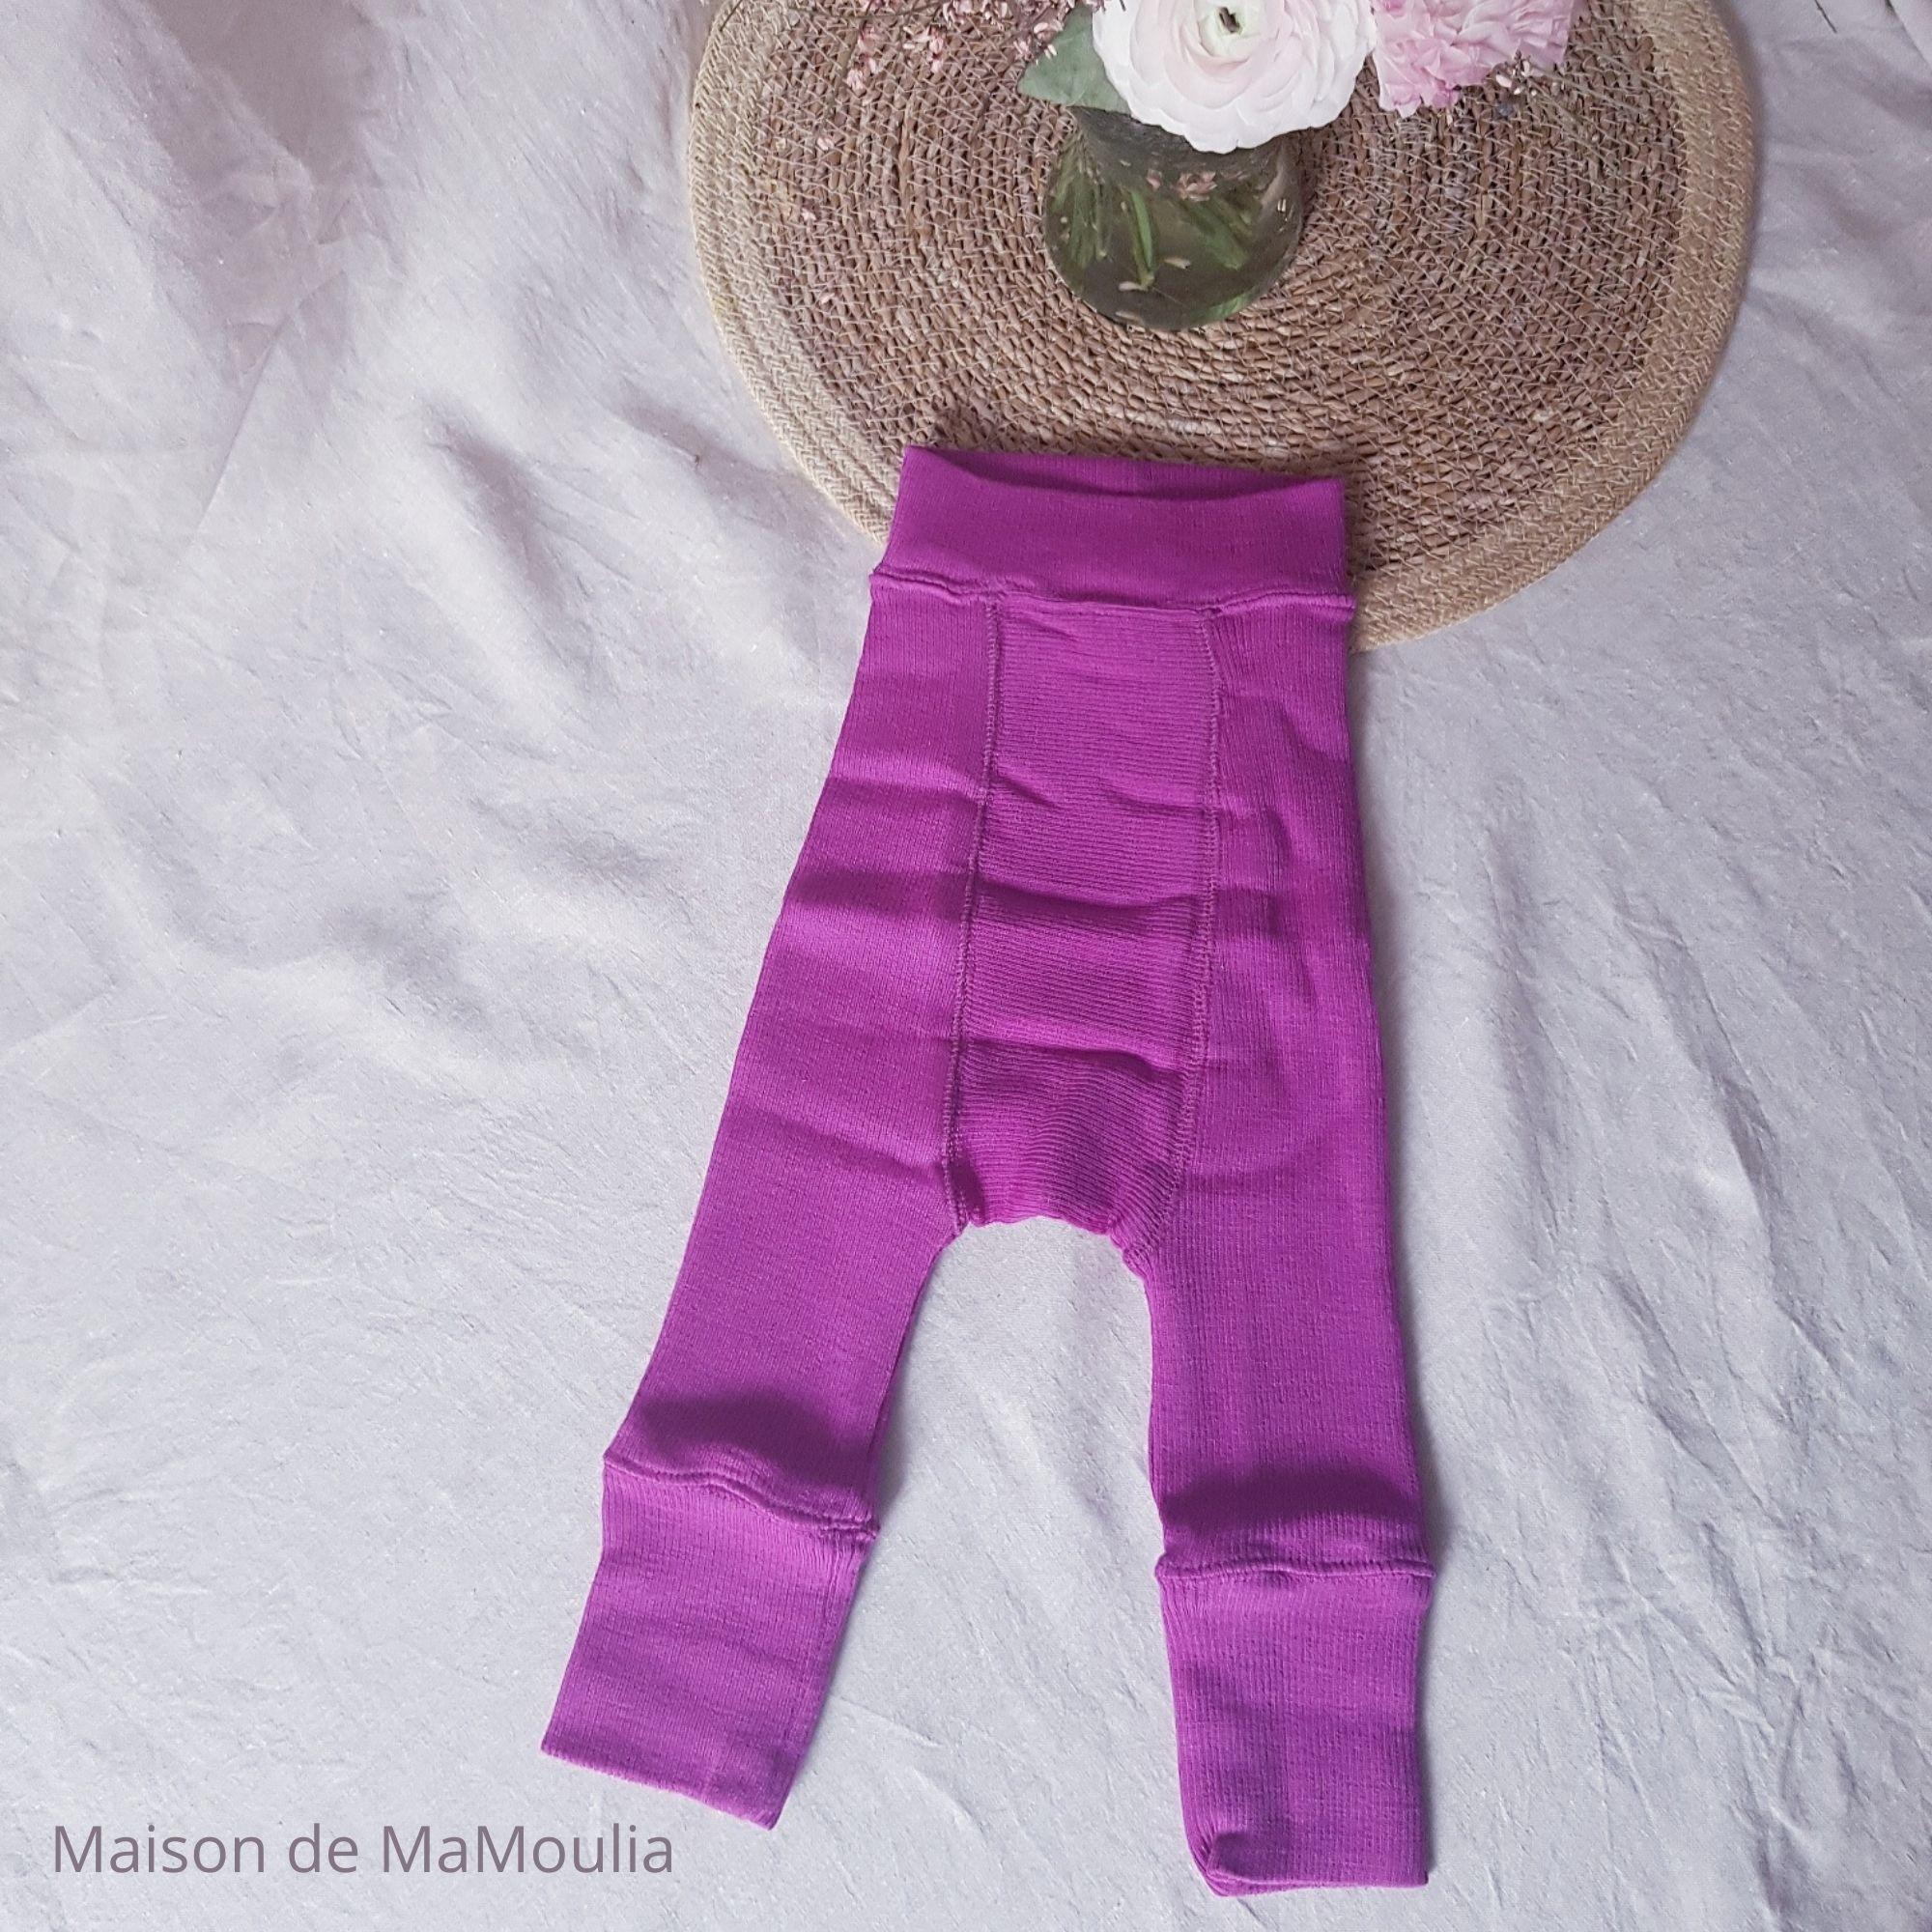 MANYMONTHS - LONGIES Pantalon Évolutif - 100% laine mérinos-LOTUS